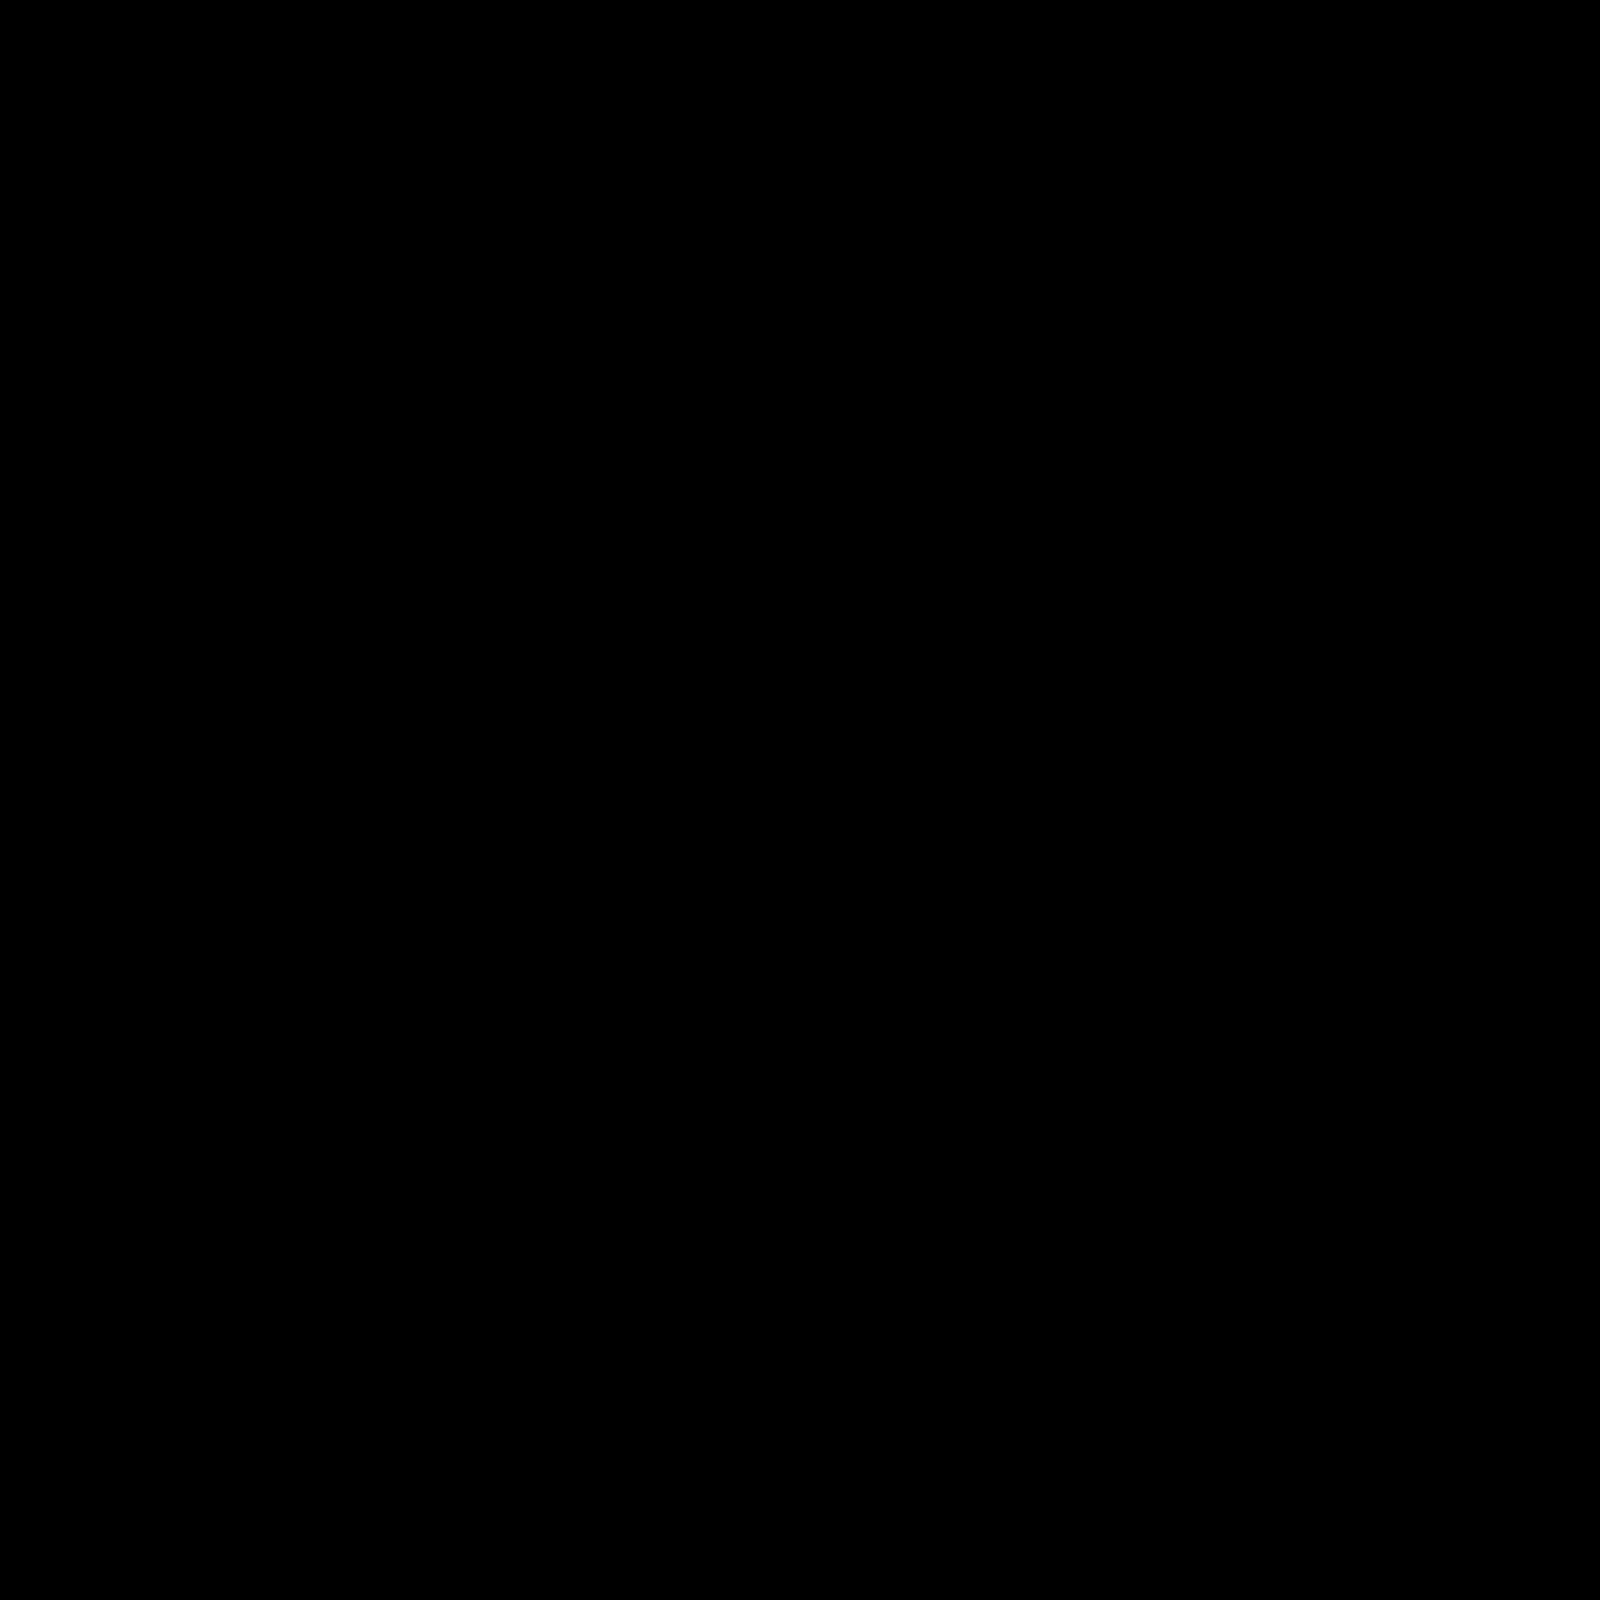 Carpeta de descargas icon